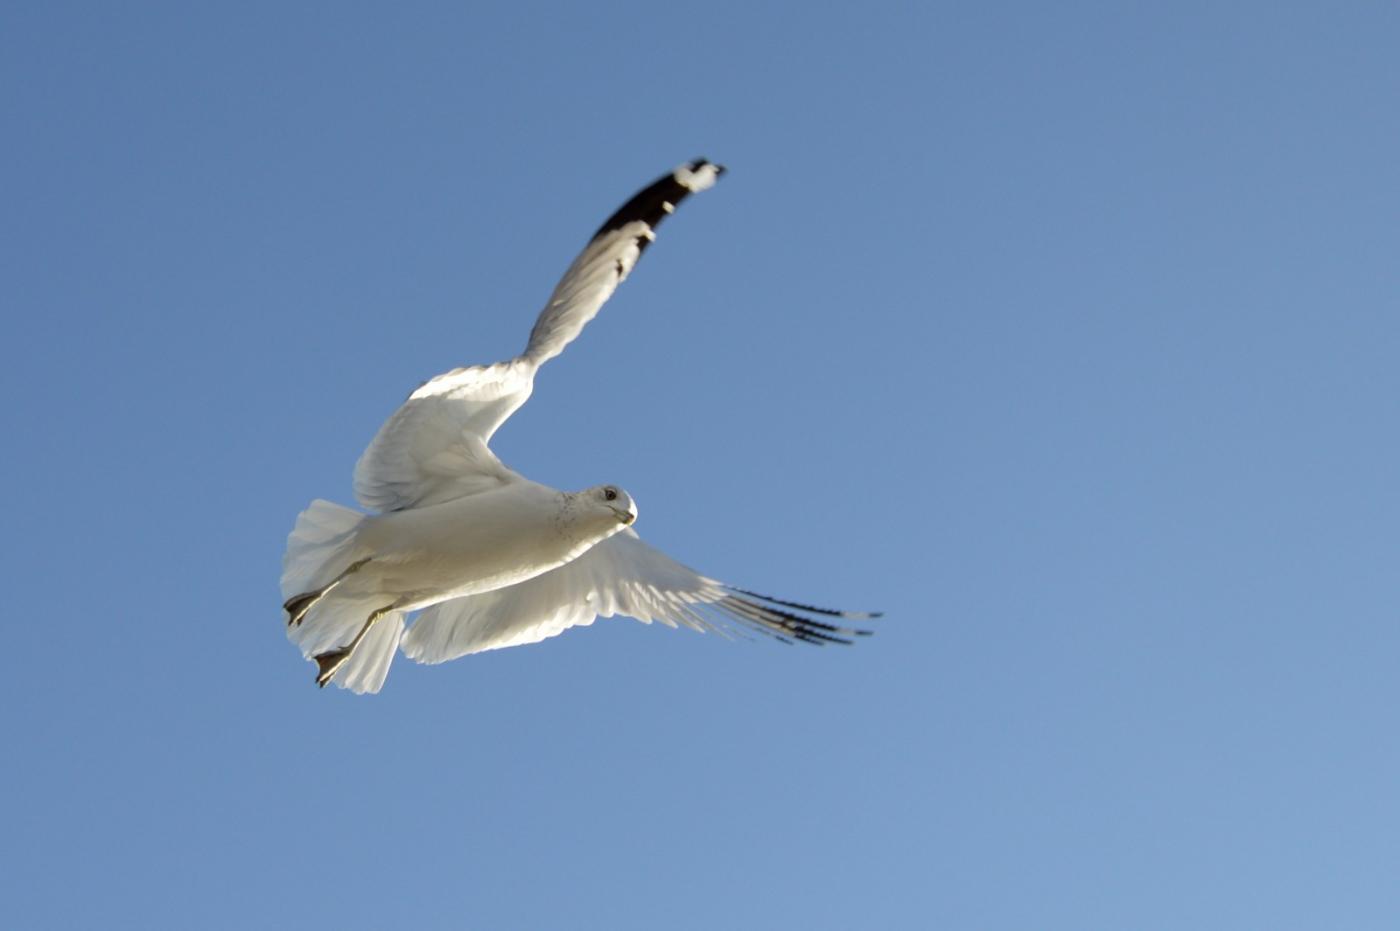 海鸥飞翔_图1-18